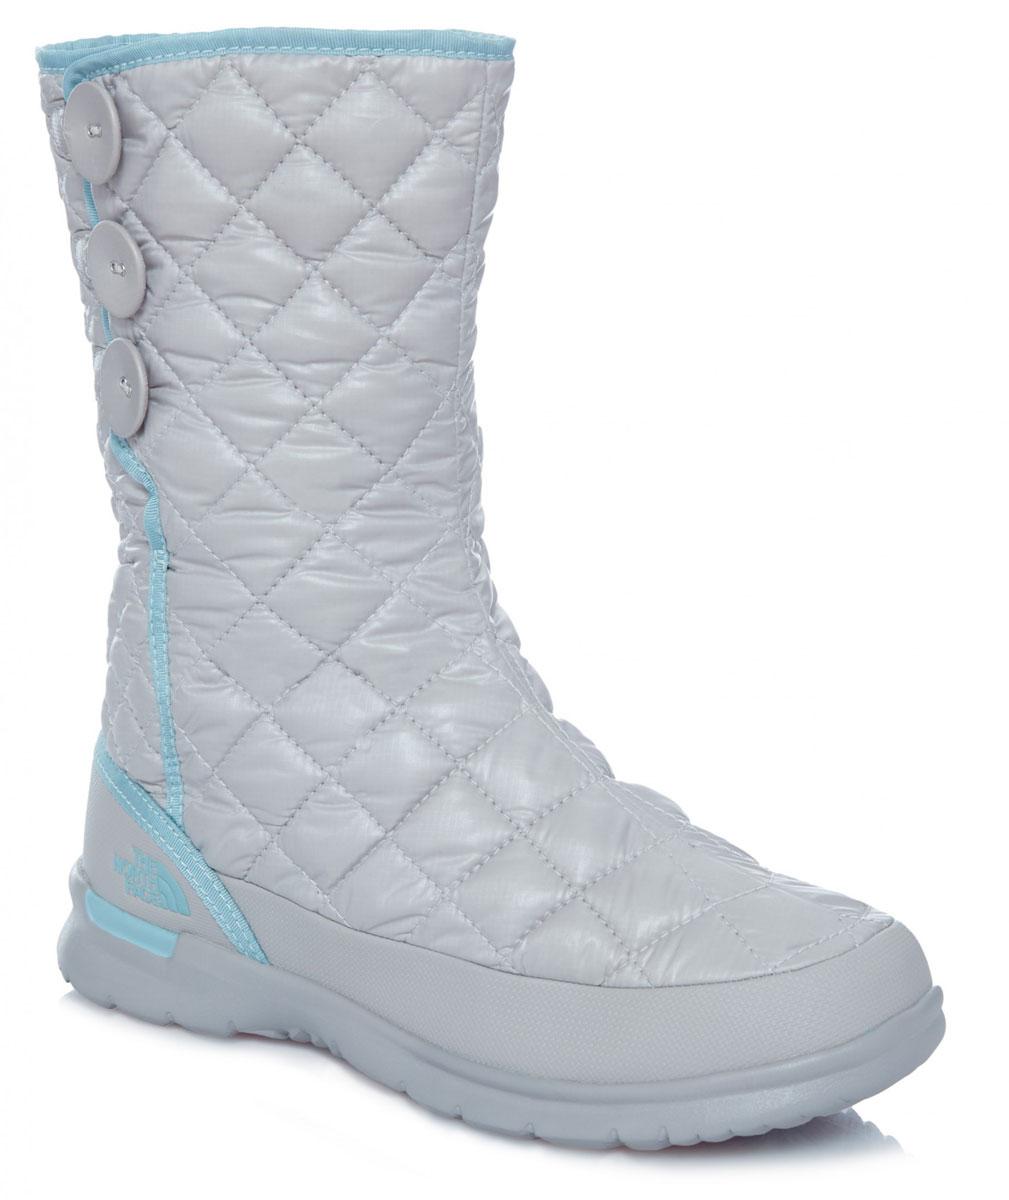 Сапоги женские The North Face W Thrmoball Button Up, цвет: серый. T92T5KNLT. Размер 6 (36)T92T5KNLTЛегкие и удобные стильные сапоги на пуговицах с регулируемым подгибом обеспечивают комфорт и великолепный внешний вид. Утеплитель Thermoball™ сохраняет тепло ног на снежной тропе, а благодаря протекторам IcePick®, вы никогда не поскользнетесь на обратном пути к лагерю. Стелька OrthoLite® ReBound и регулируемая посадка с флисовой подкладкой обеспечивают максимальный комфорт.